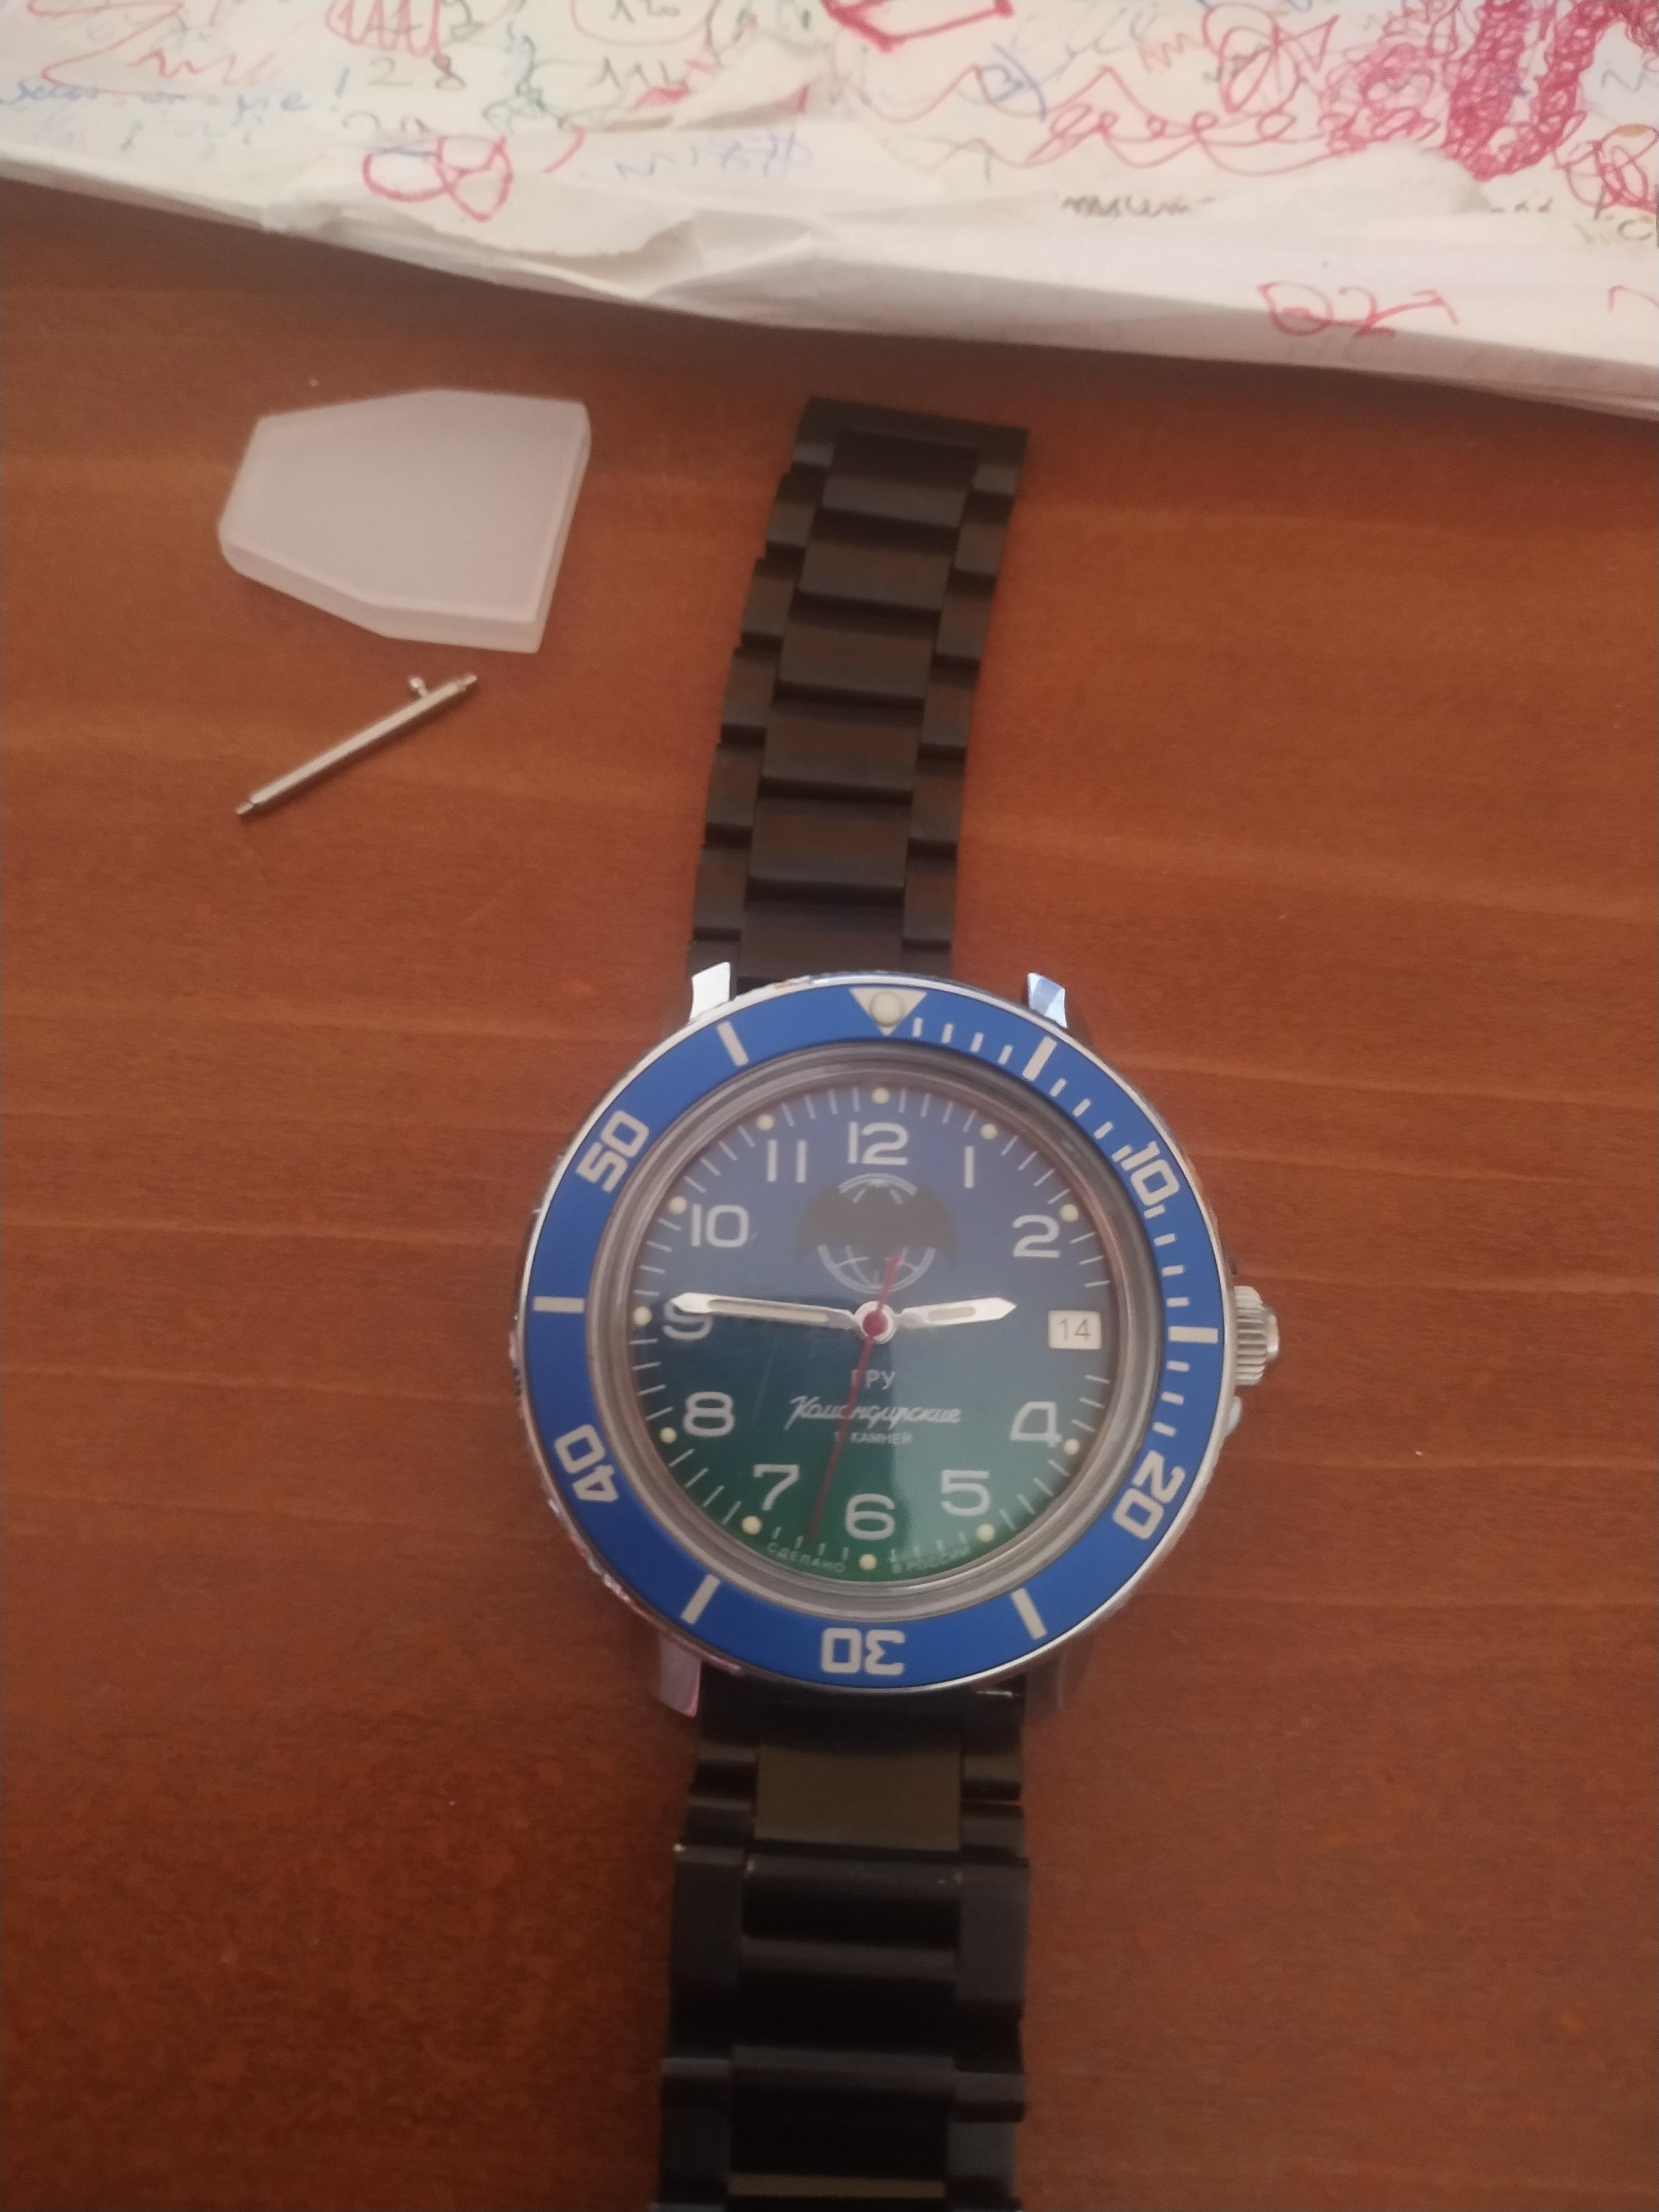 Vos montres russes customisées/modifiées - Page 16 33919438